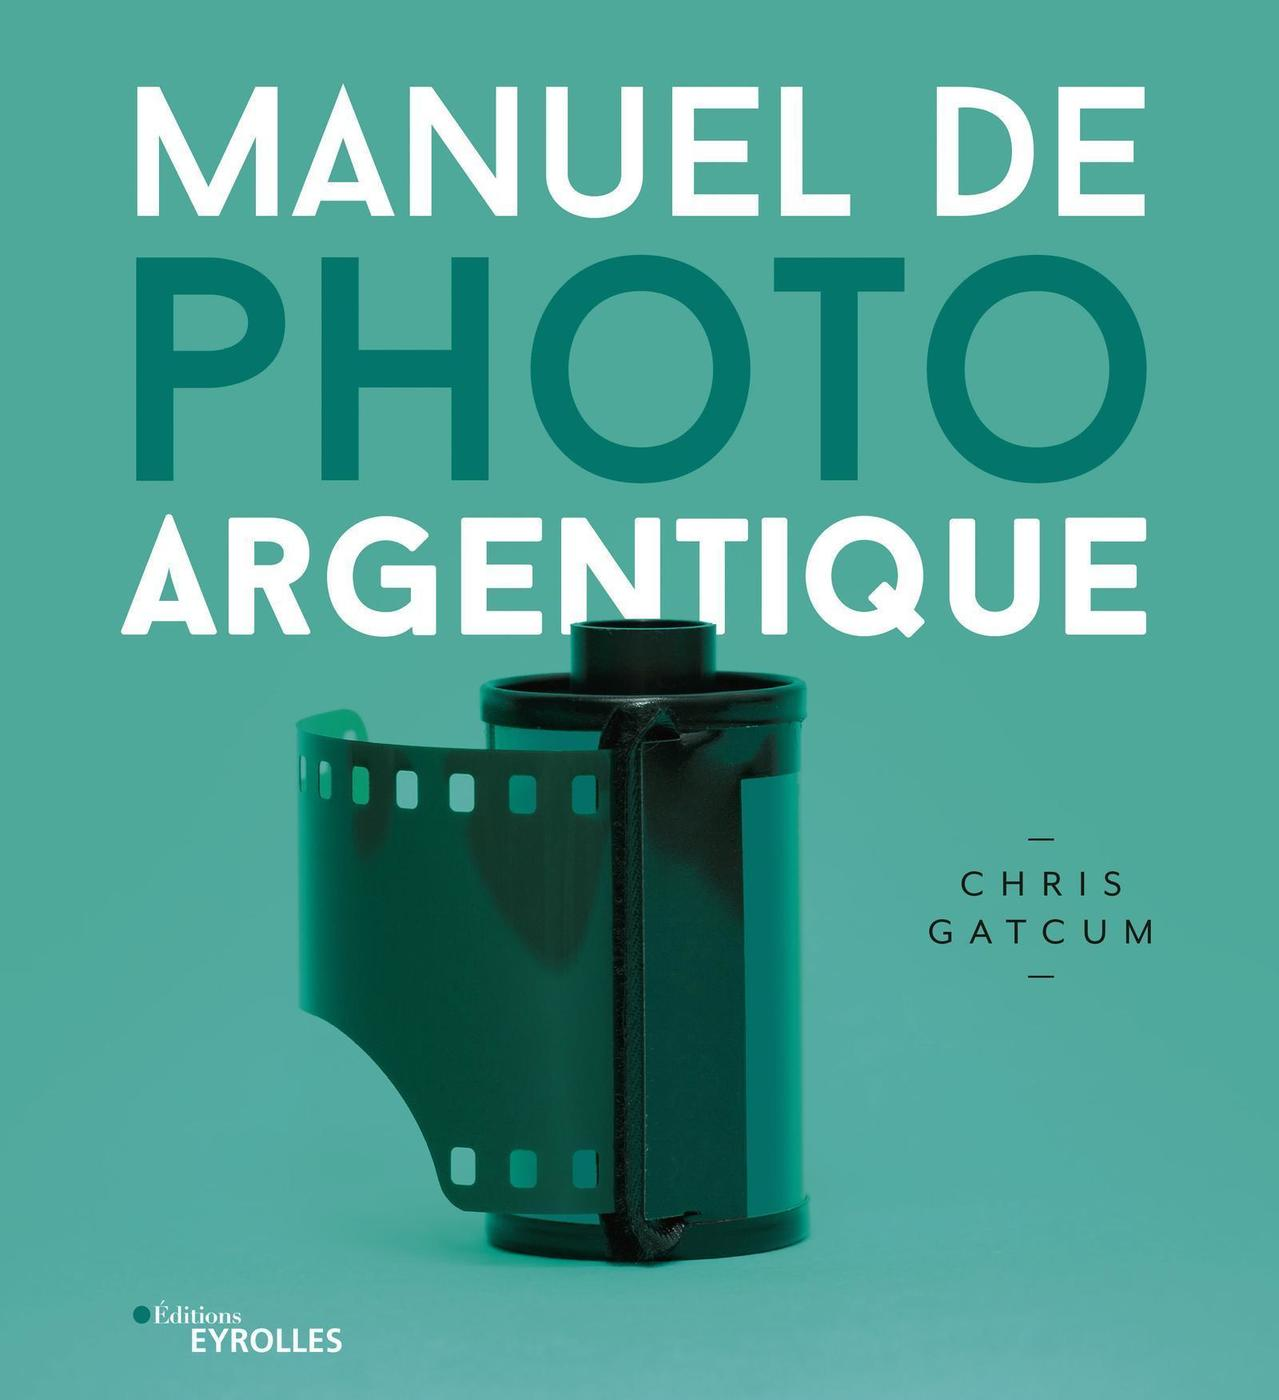 Image of Manuel de photo argentique de Chris Gatcum / EYROLLES